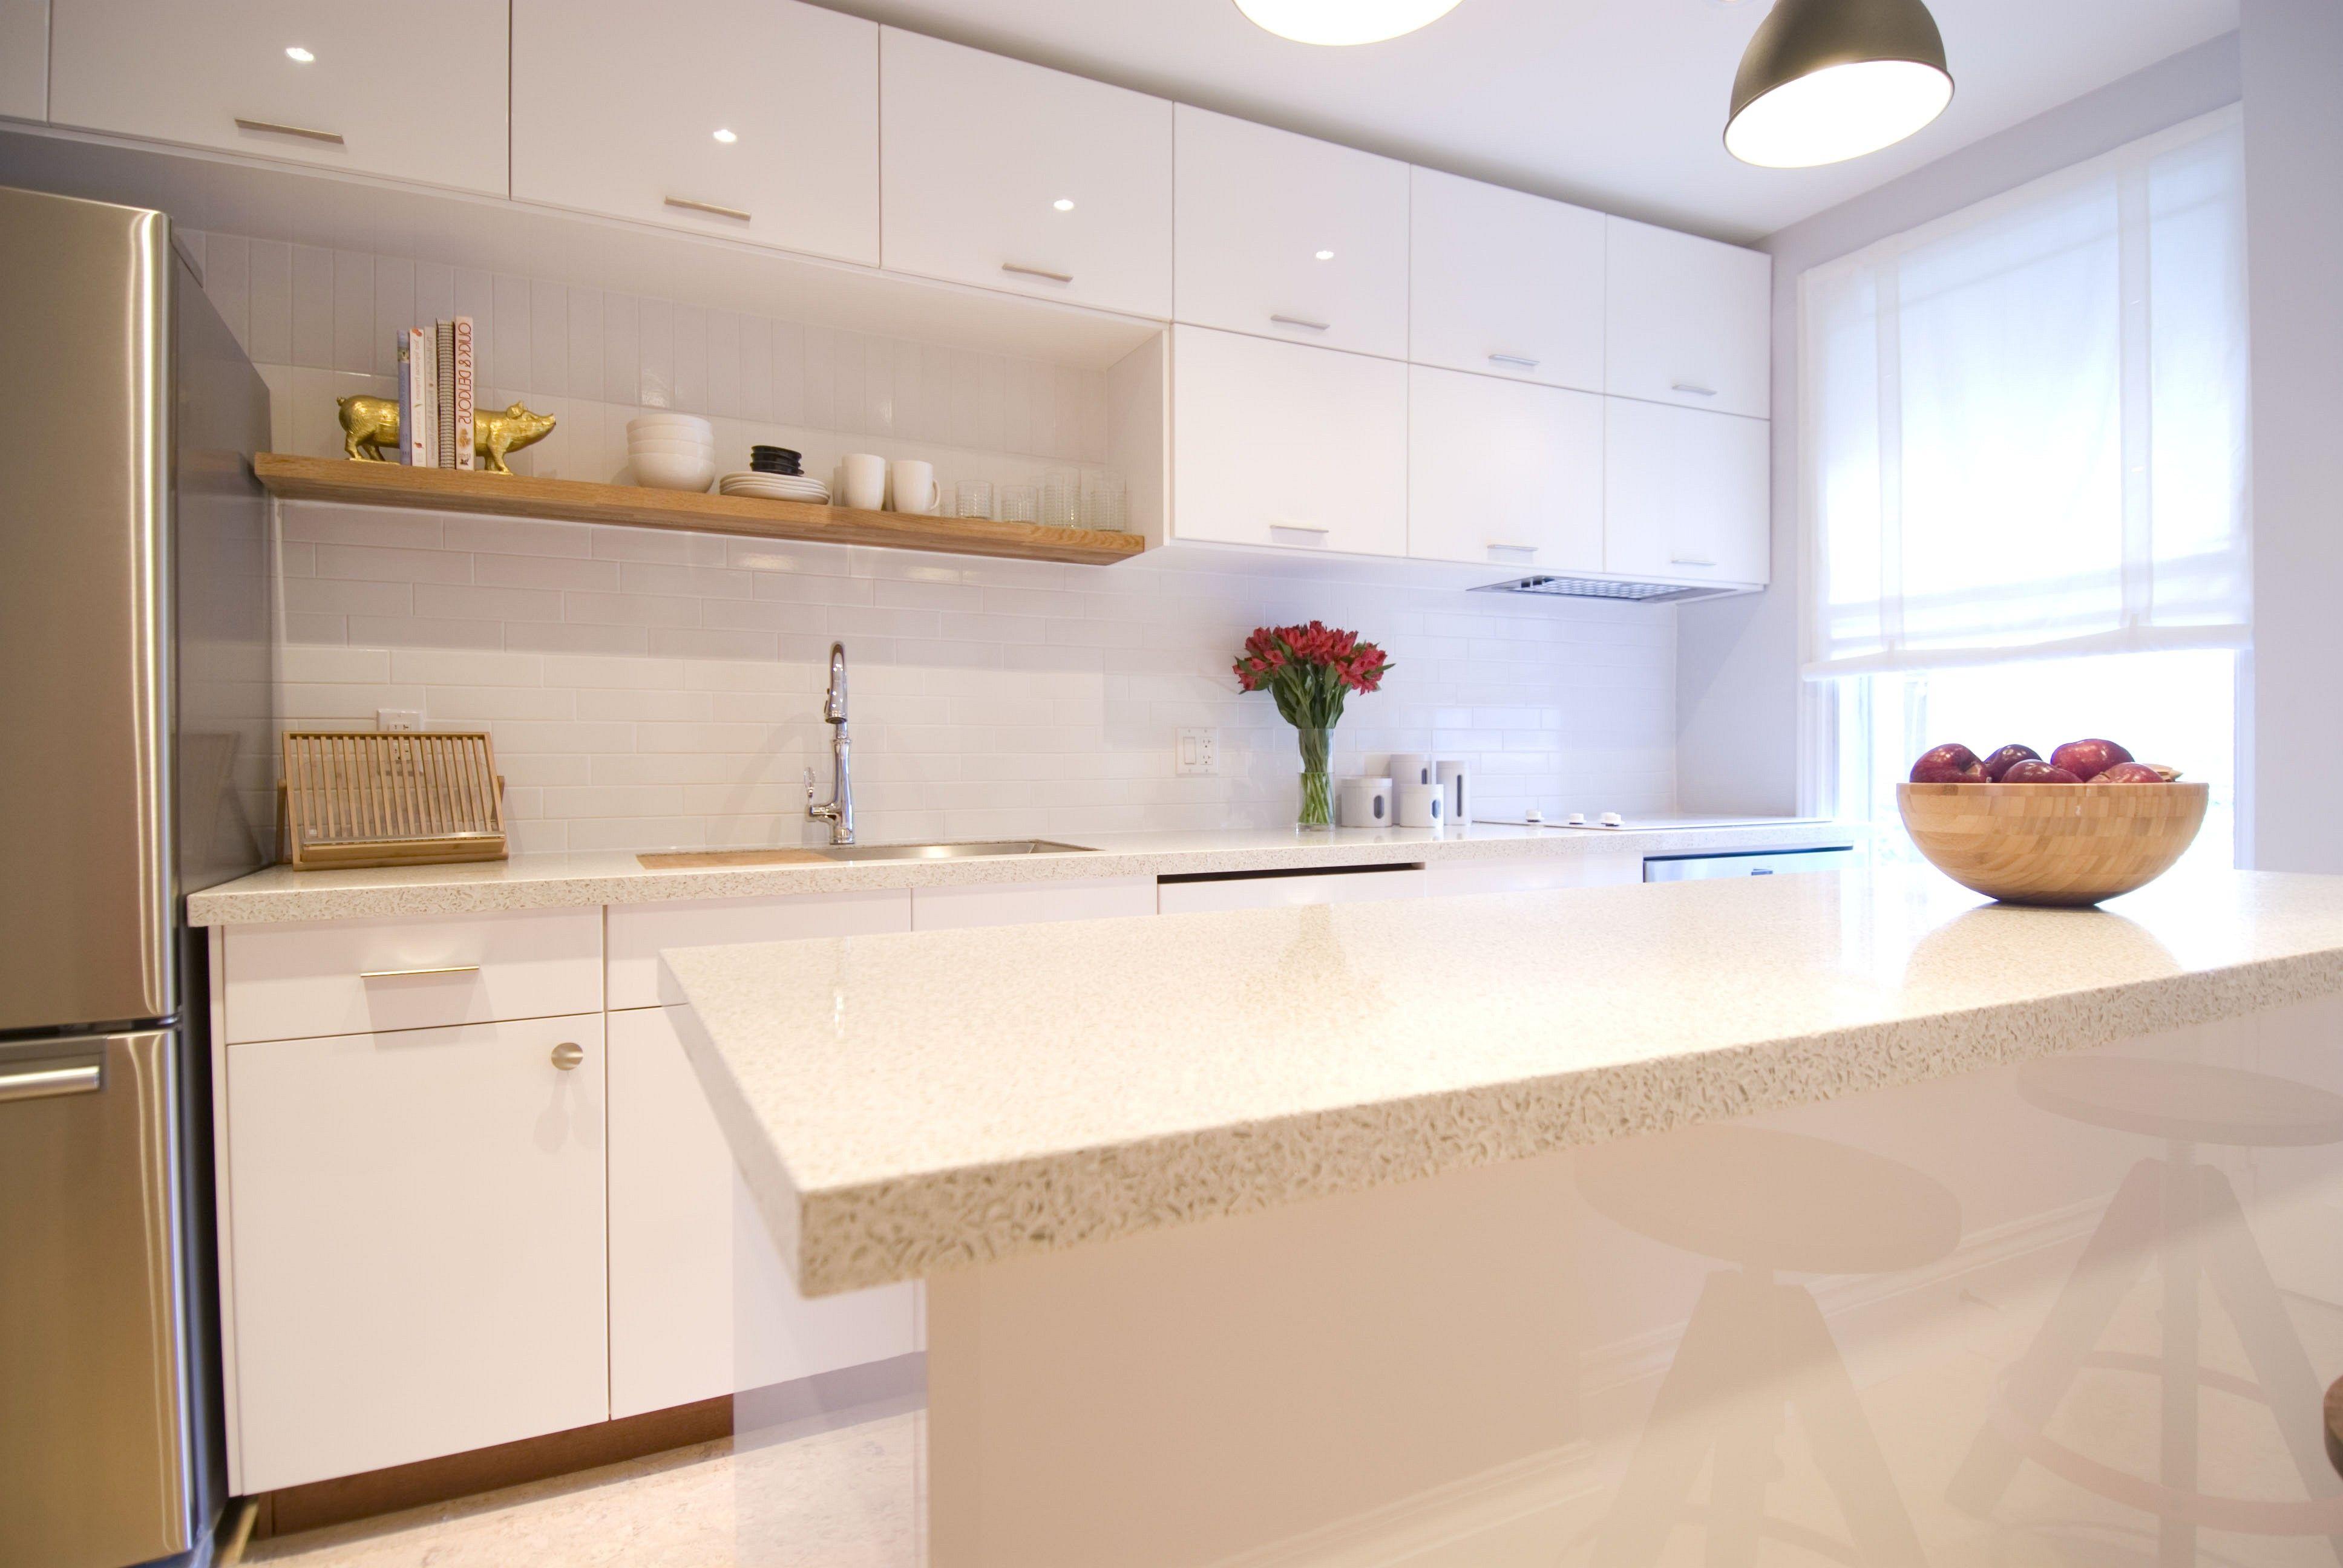 Die Kleine Küche Mit Weißen Schränke Modell Küche Weiße